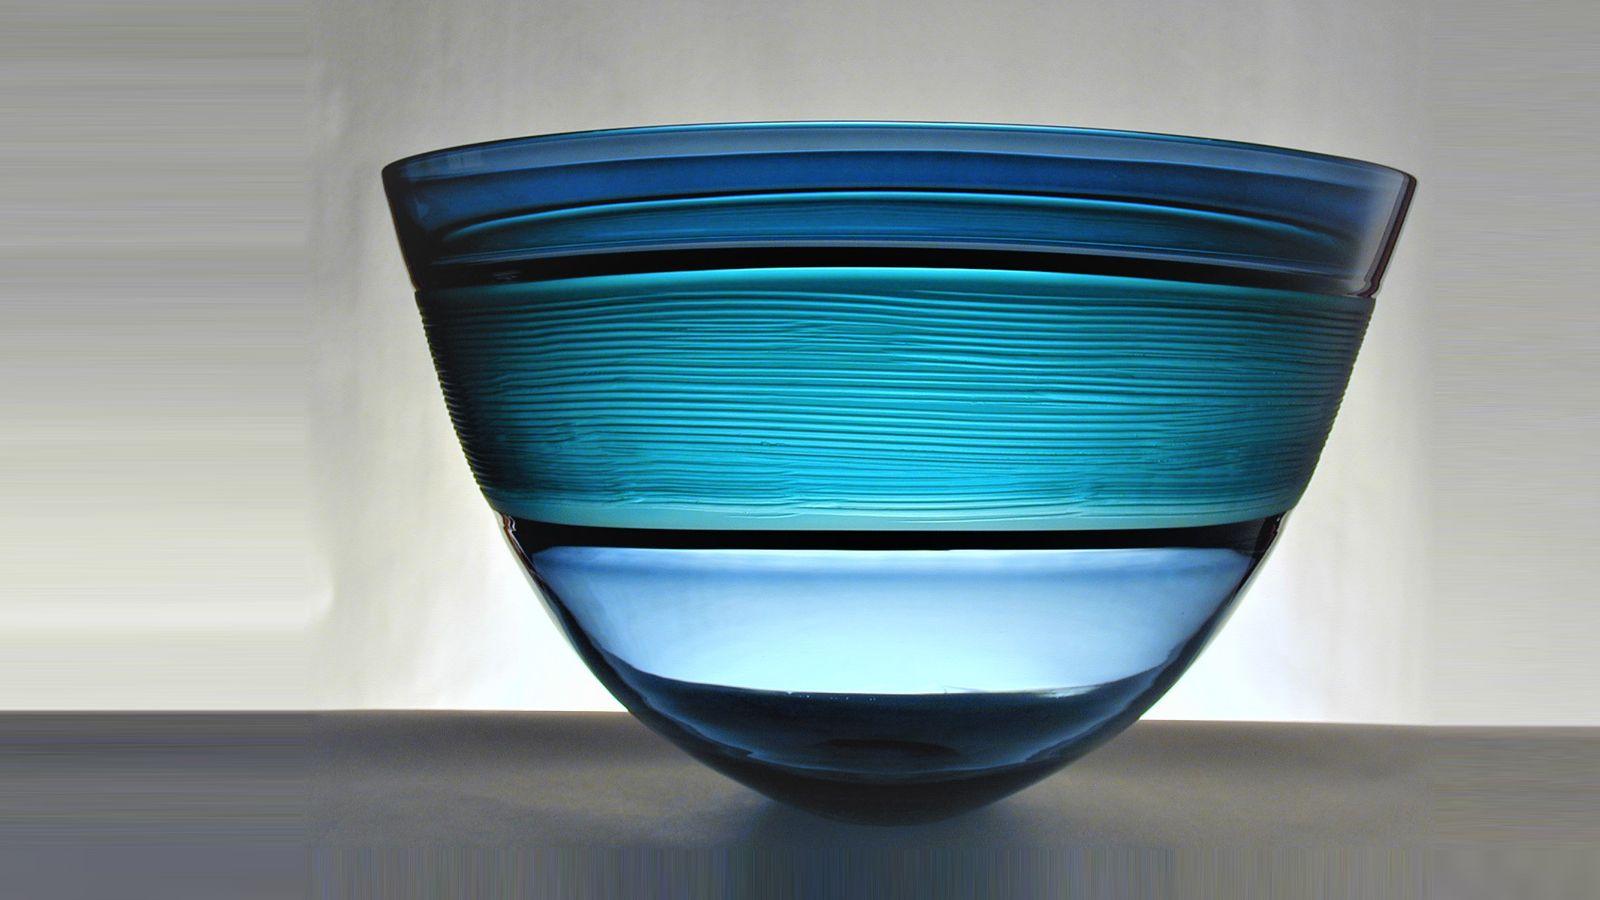 Stewart Hearn Hand Blown Glass Strata Bowl, Steel Black & Turquoise